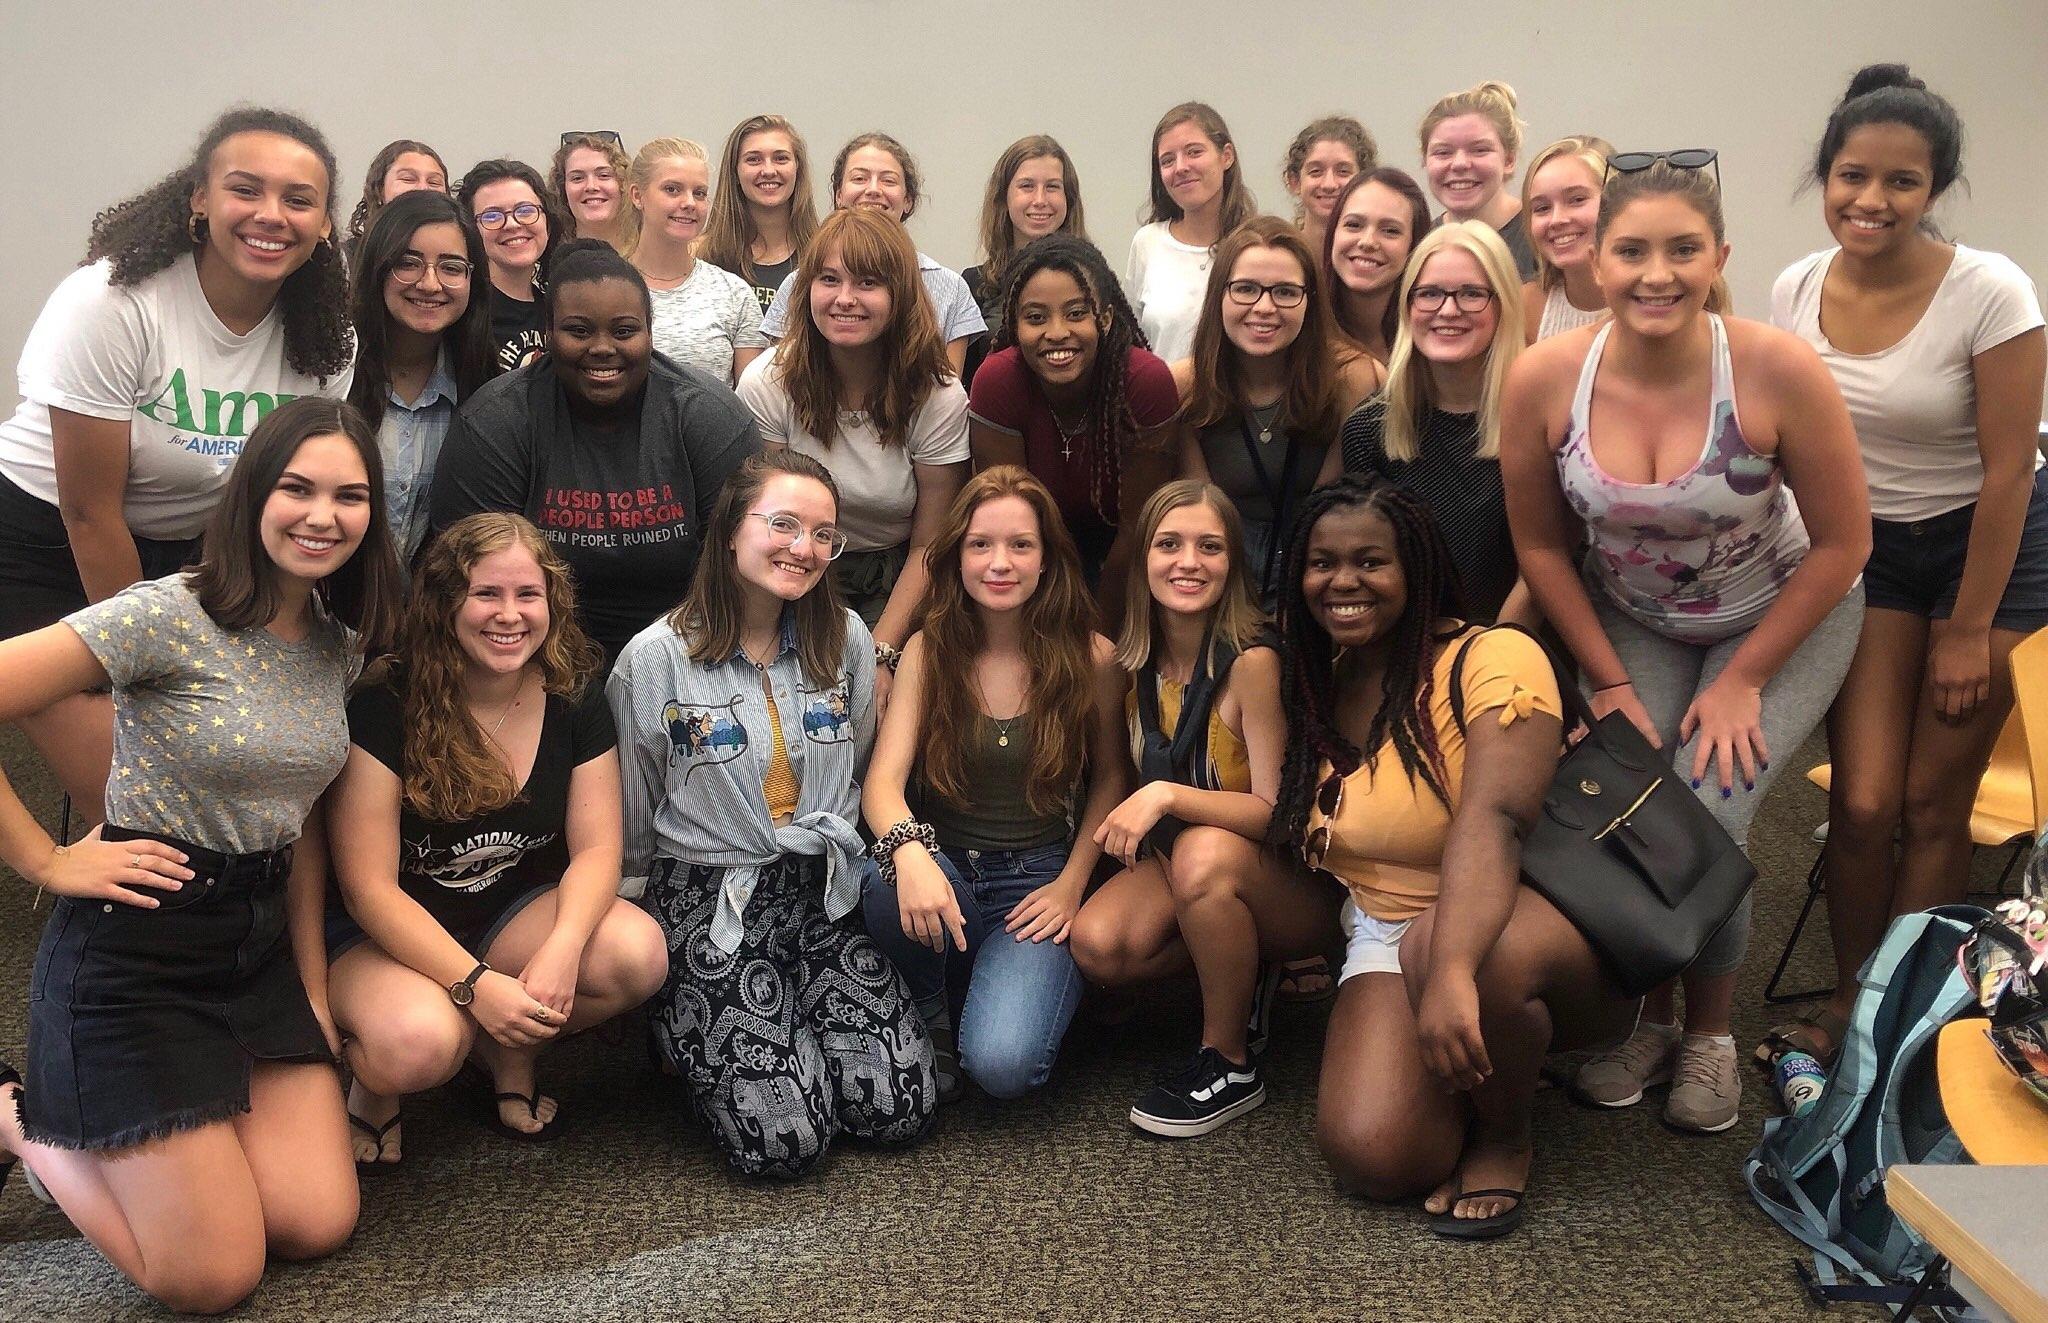 Empowered Women Empowering Women: Vanderbilt's New Women in Government Organization